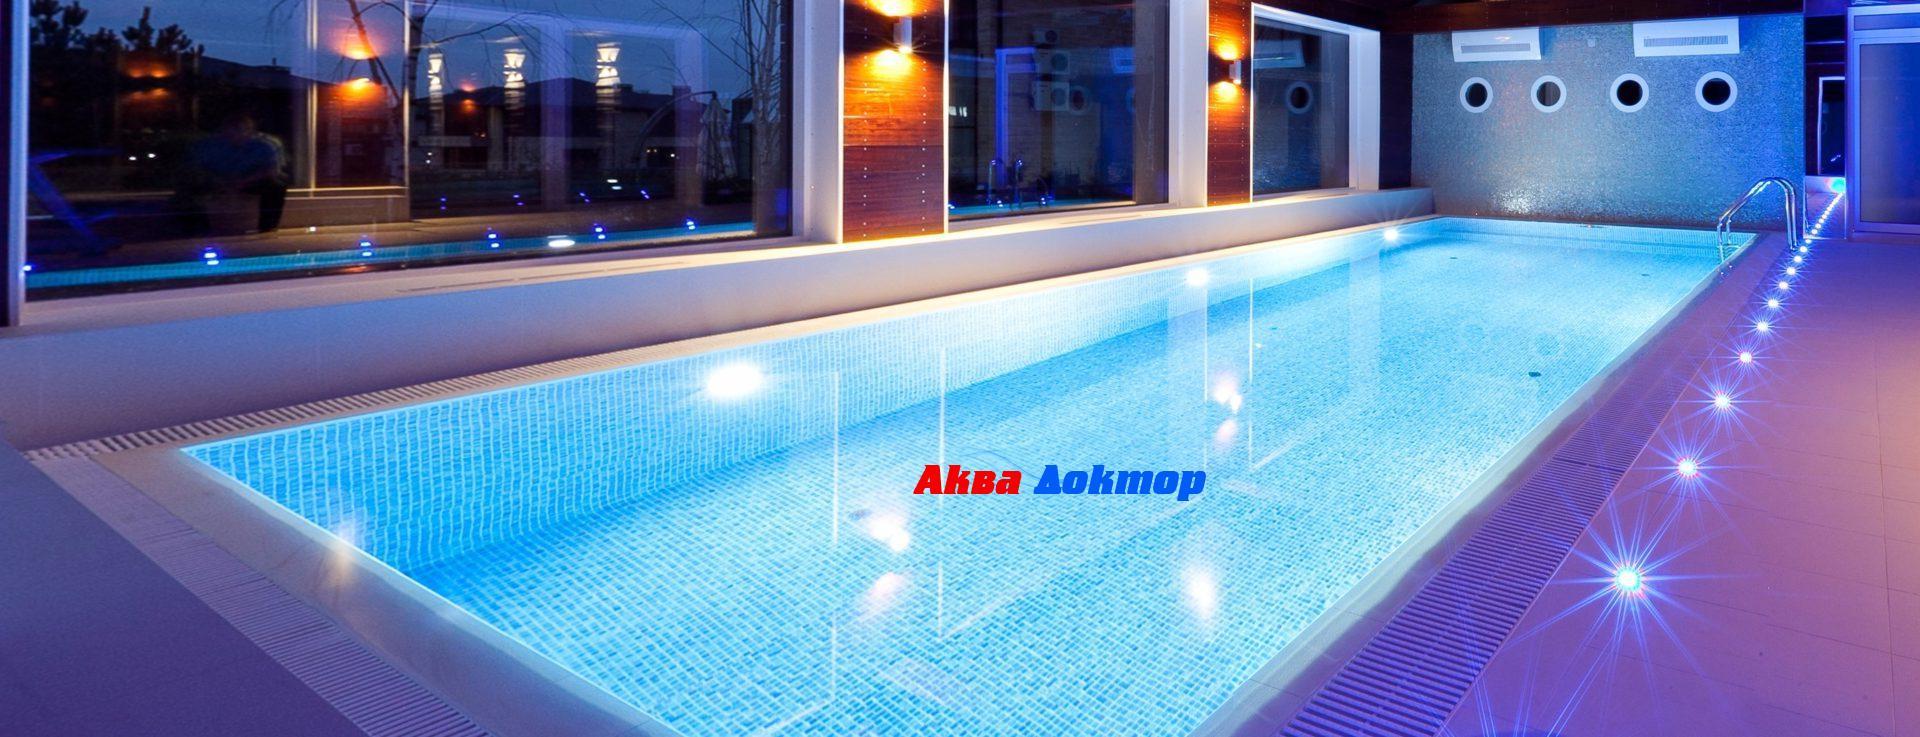 Строительство, реконструкция бассейнов фонтанов во Владимире